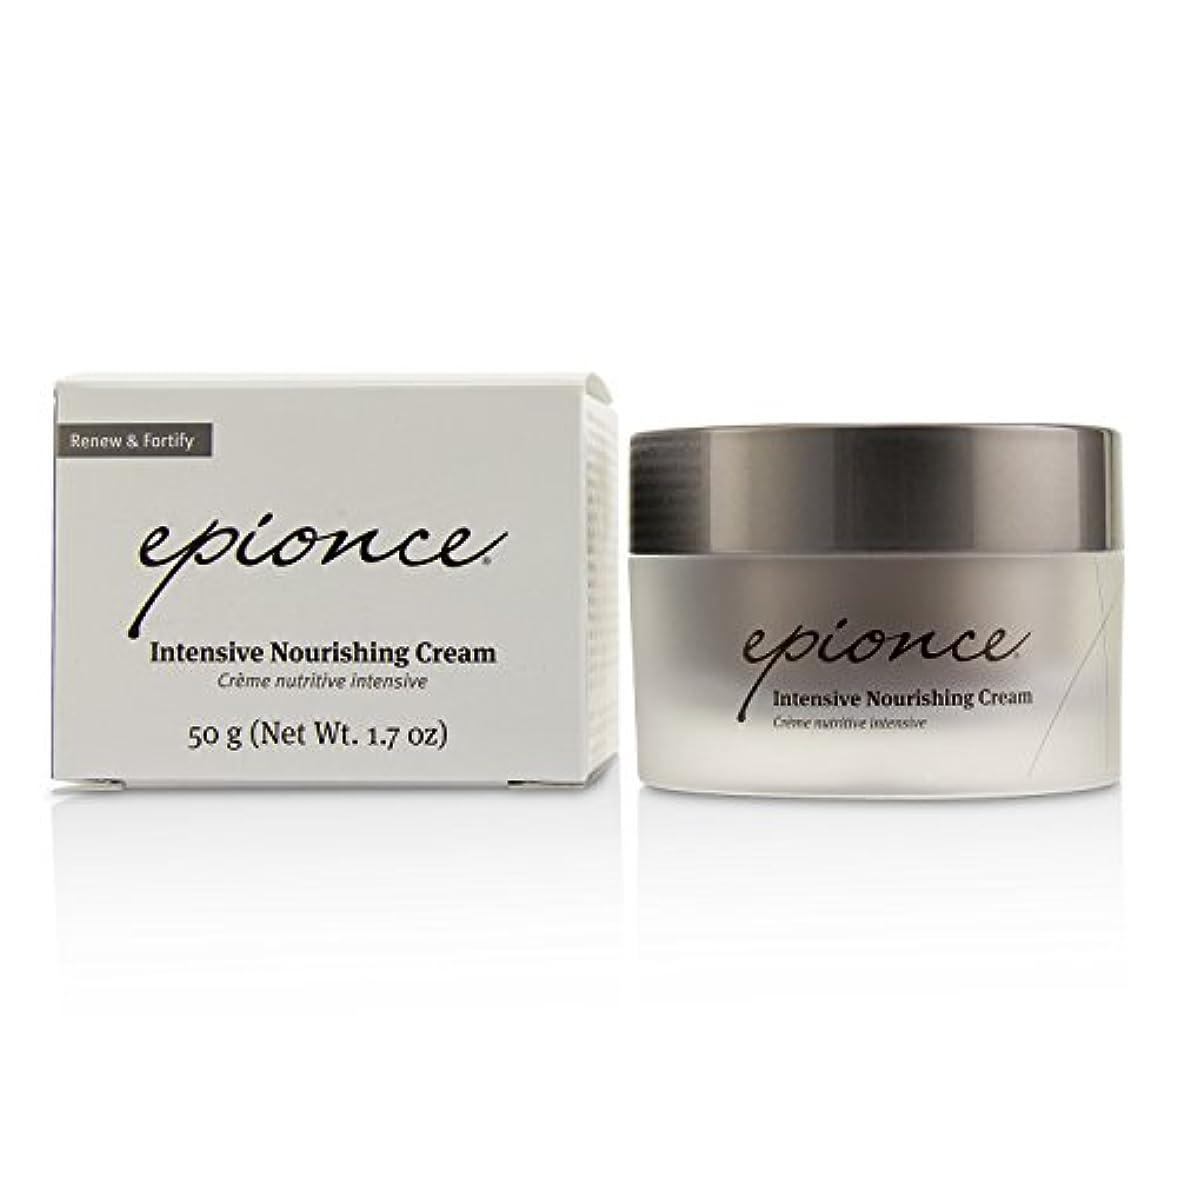 刺激する過敏なクレーターEpionce Intensive Nourishing Cream - For Extremely Dry/Photoaged Skin 50g/1.7oz並行輸入品